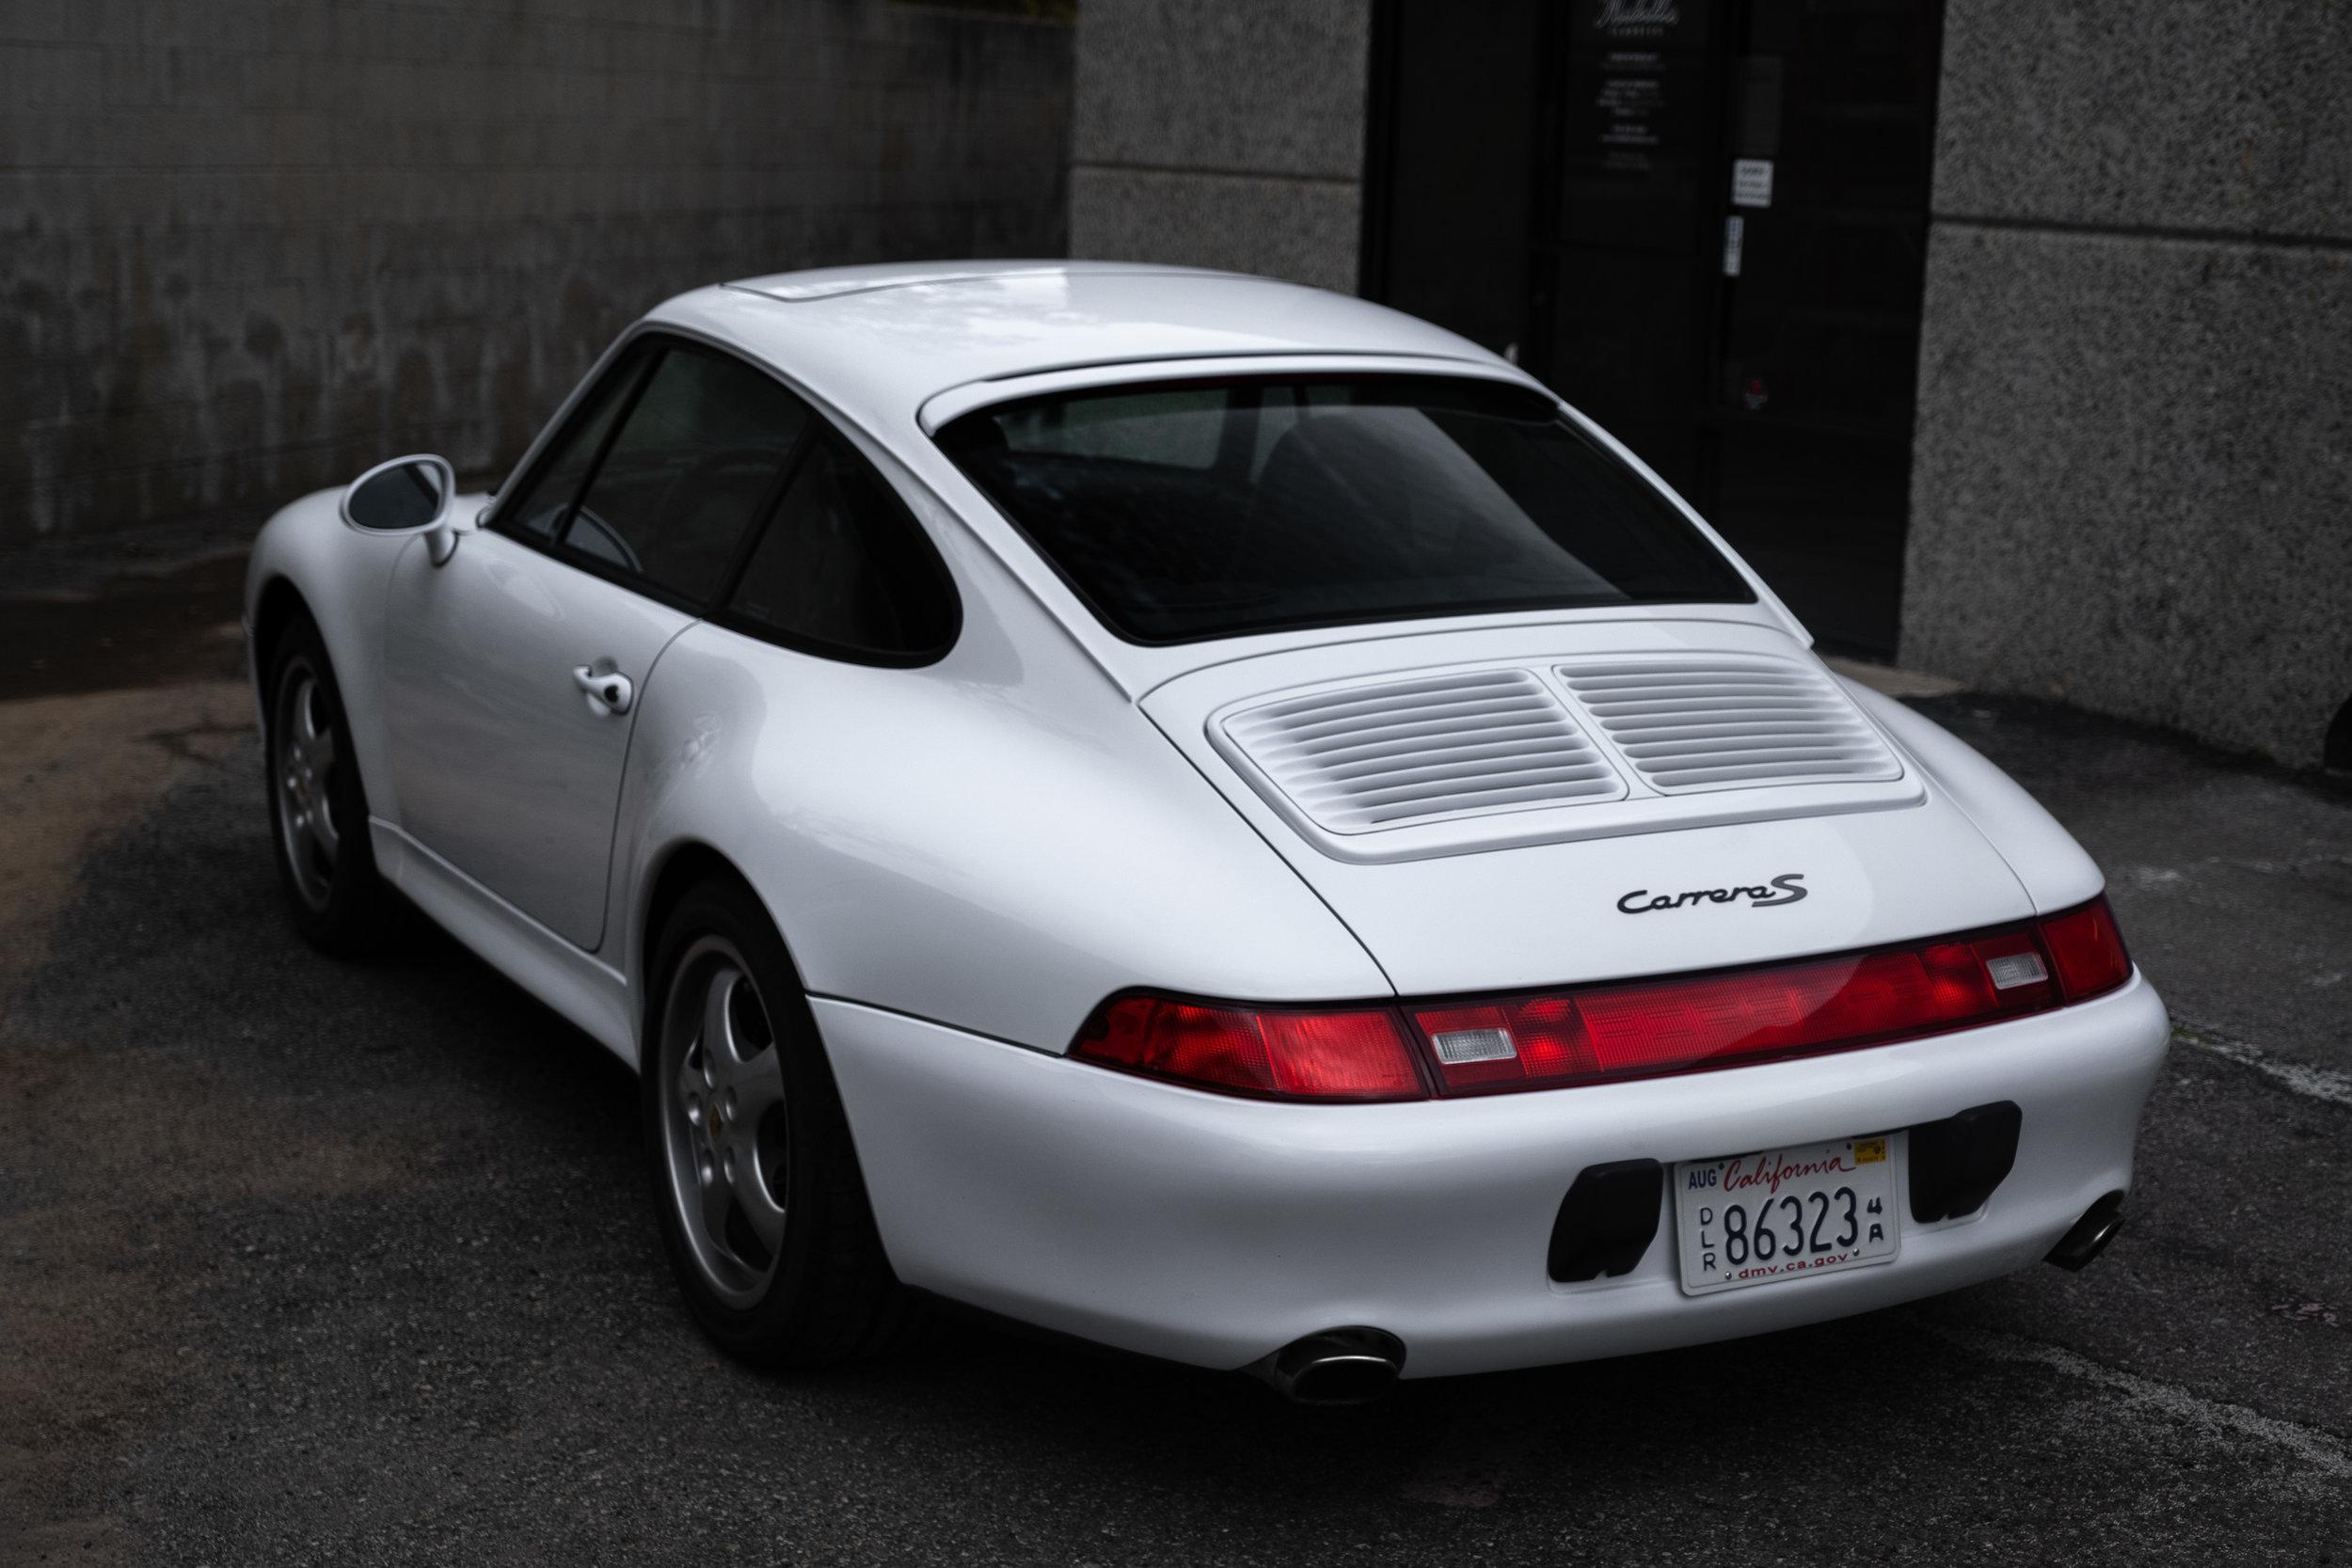 97'WhiteCarrera2S-1396.jpg